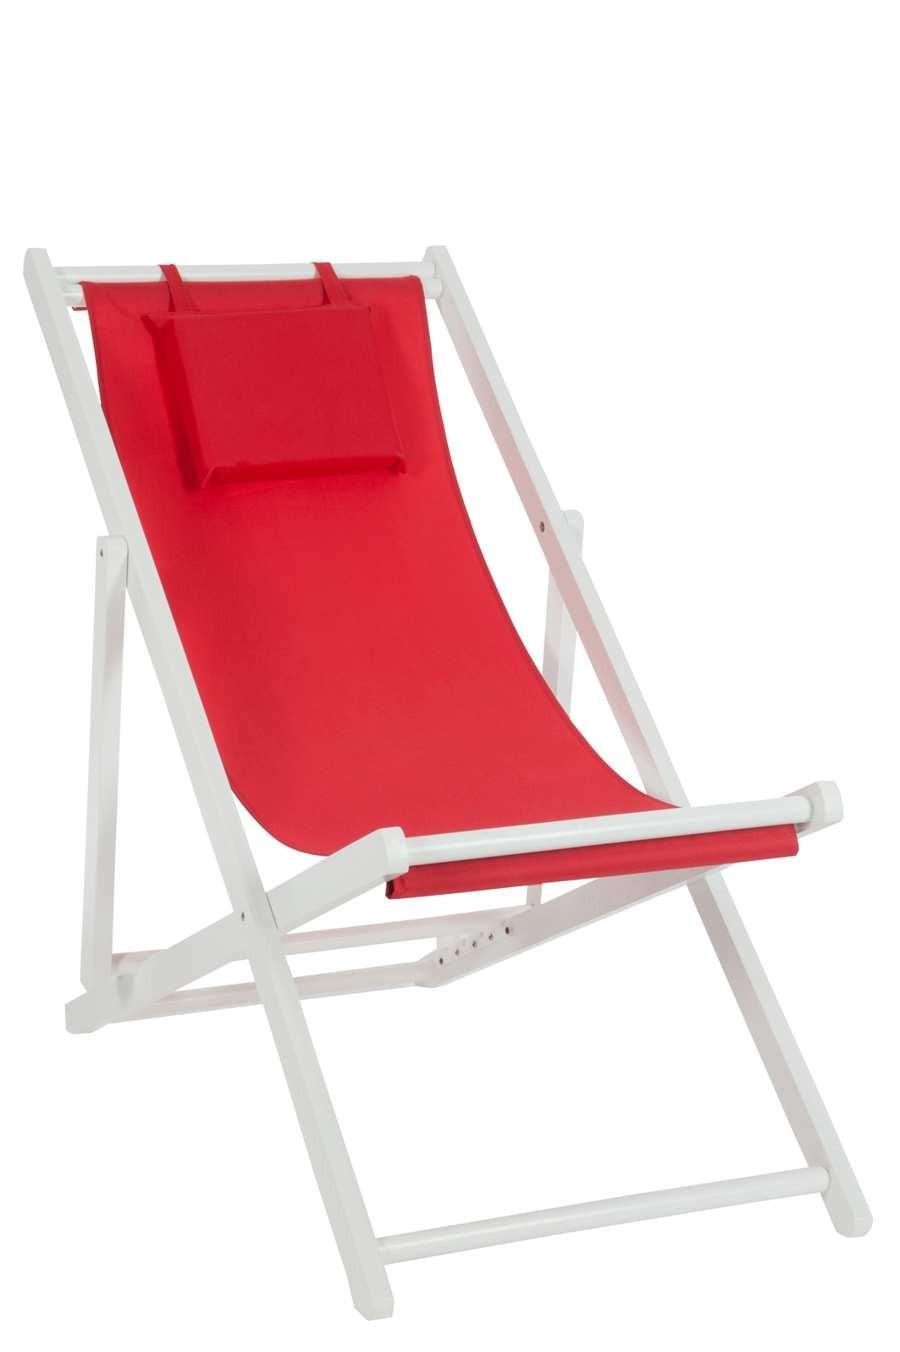 transat en bois blanc avec coussin en tissu rouge 58x105x94cm lot - Transat En Bois